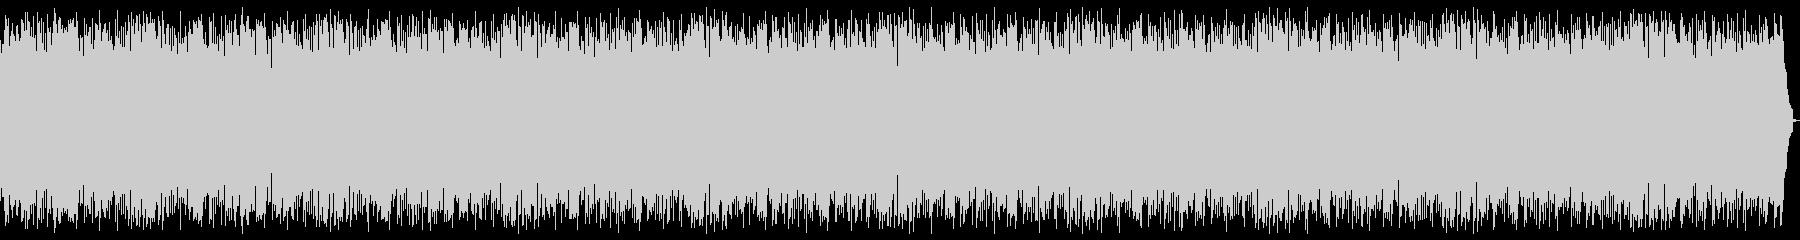 日常系BGM延々ループ5分バージョンの未再生の波形